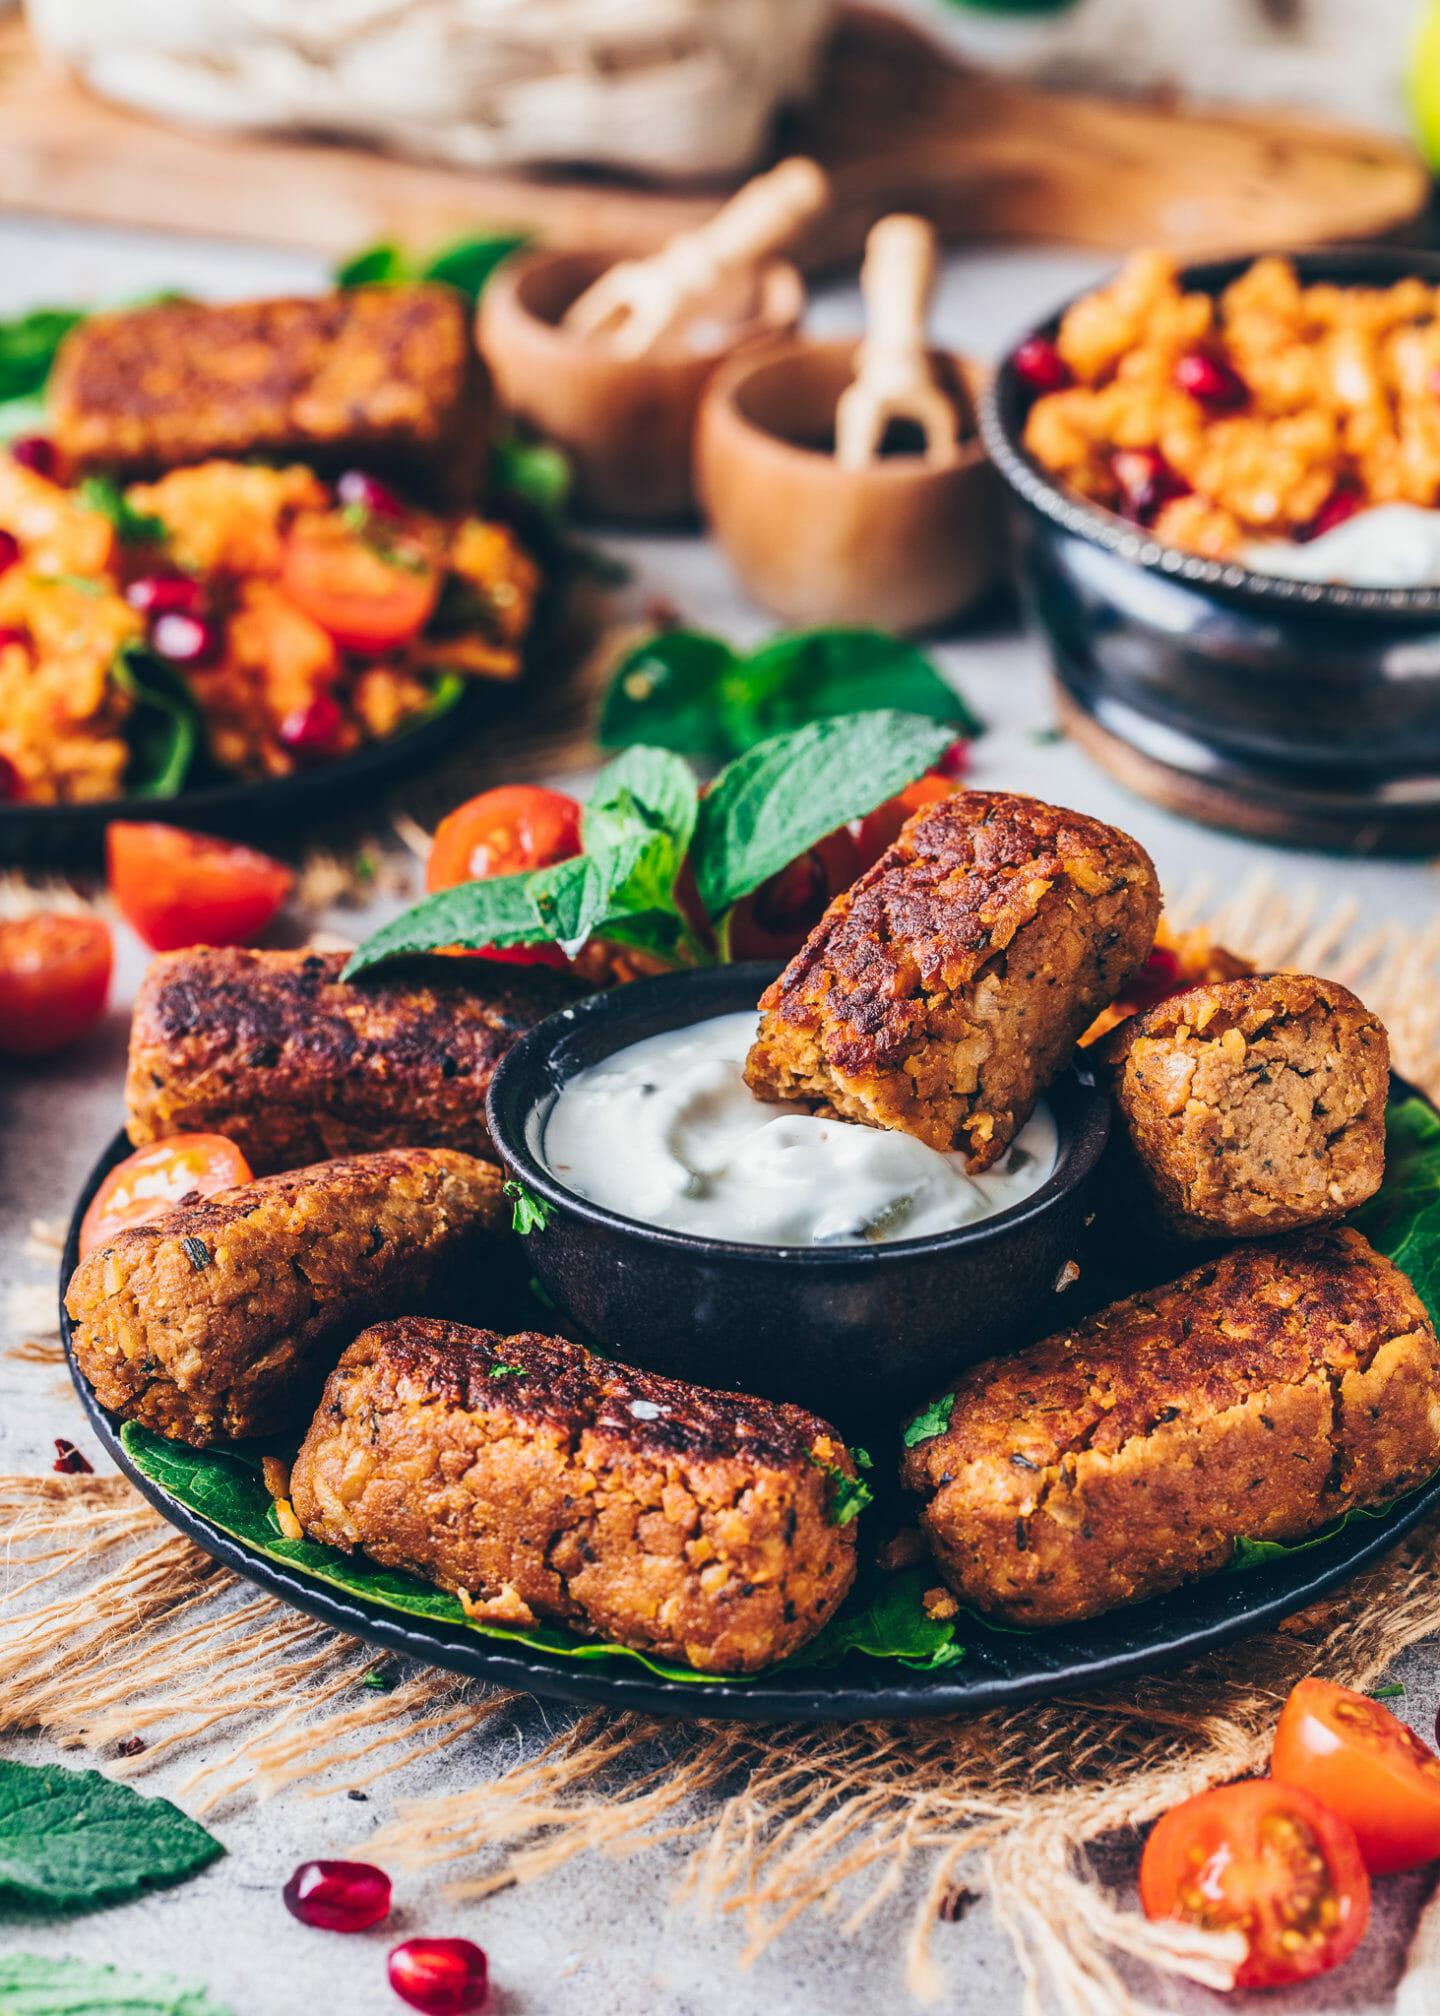 Veganes Weihnachtsessen - Vegane Cevapcici, Kichererbsen Würstchen, Falafel